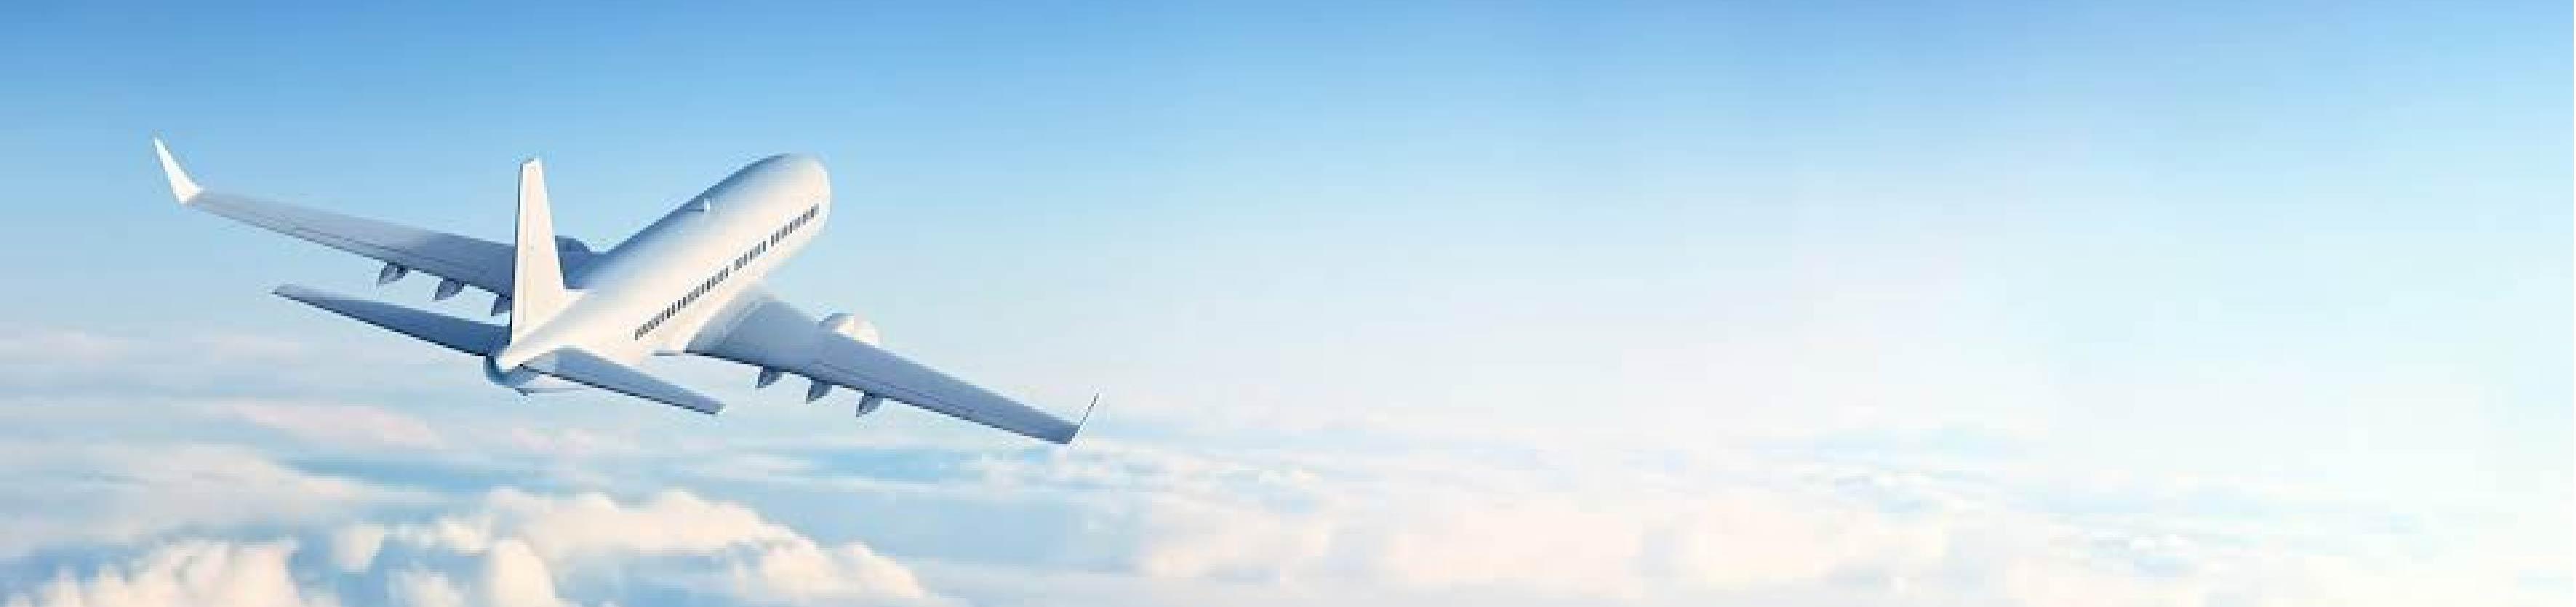 تعرف على 7 من أرخص وجهات السفر في العالم للمسافرين ذوي الميزانية المحدودة